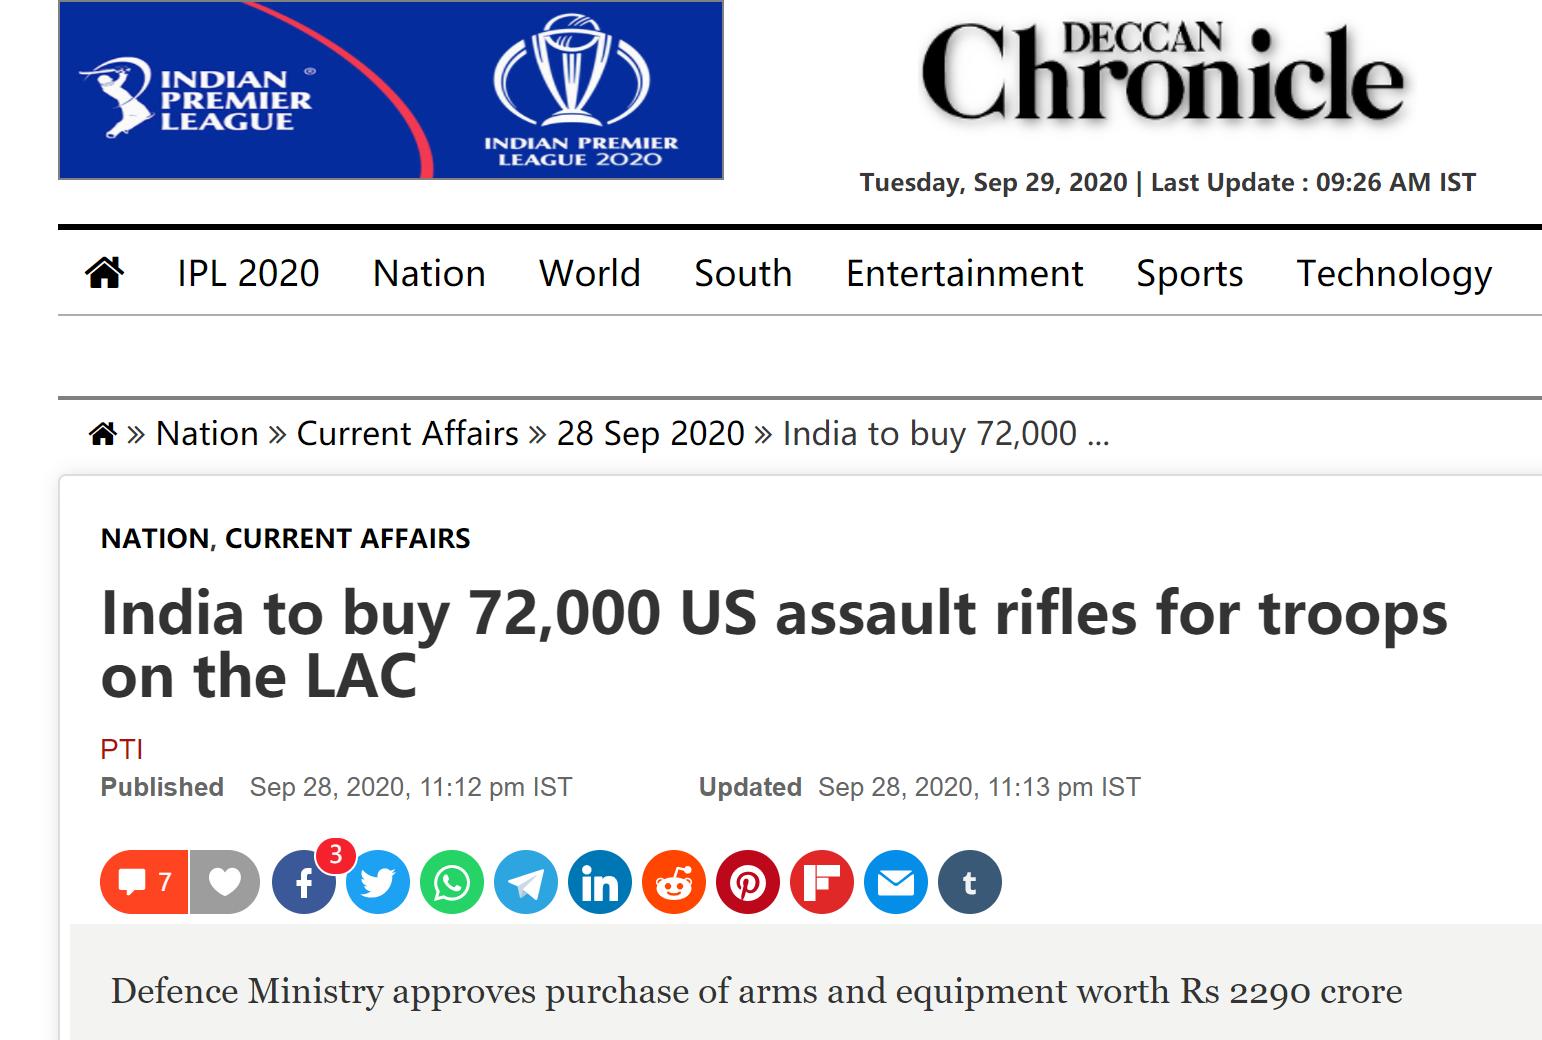 印媒:敏感时刻,印度国防部批准229亿军购,将采购7.2万支美制突击步枪装备边境部队